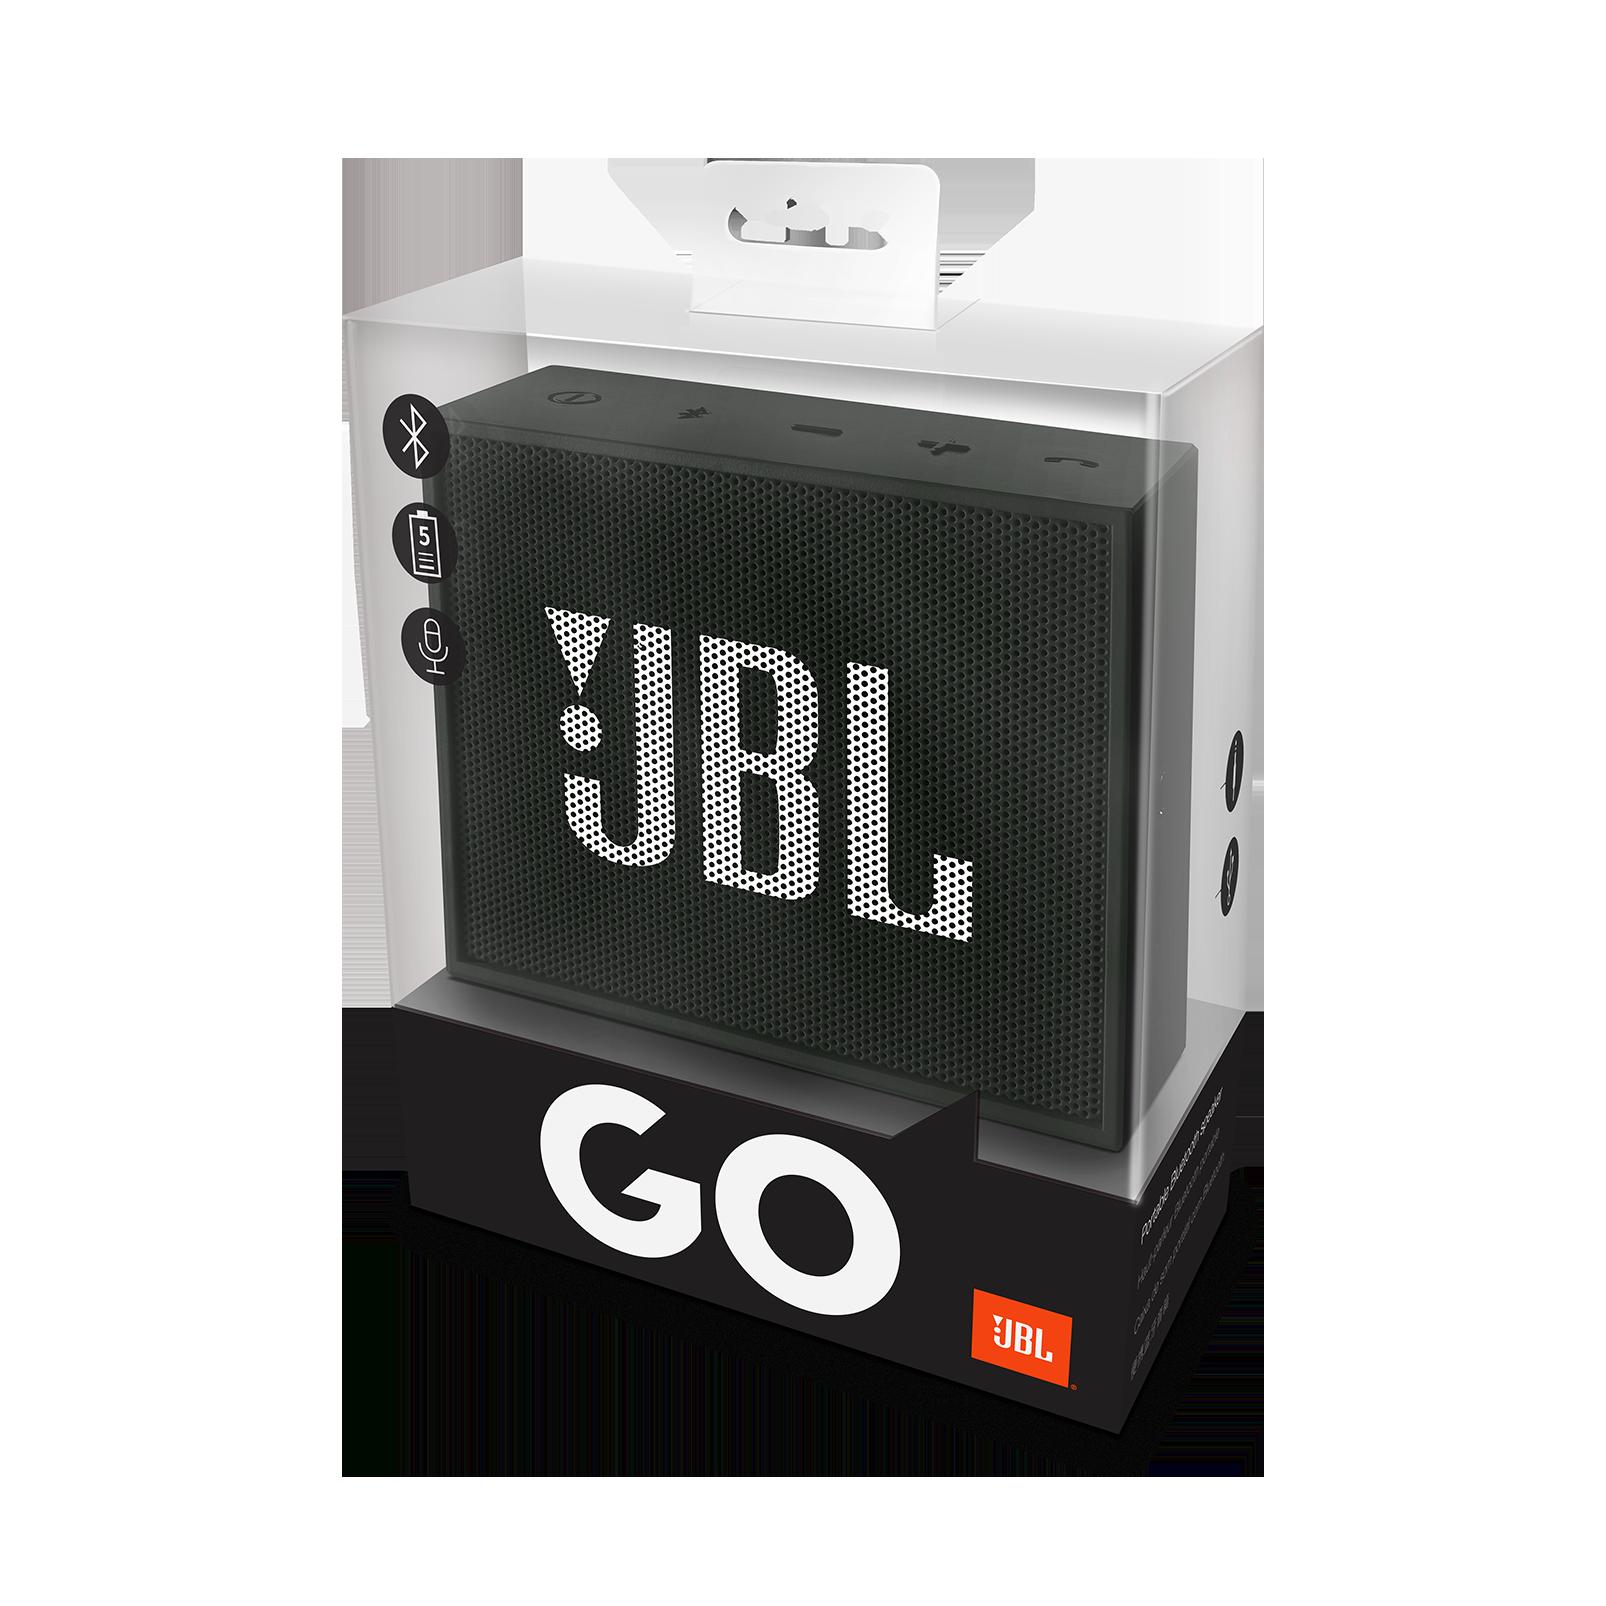 jbl go portable mini bluetooth speaker rh jbl com JBL JRX115 Specs JBL Logo